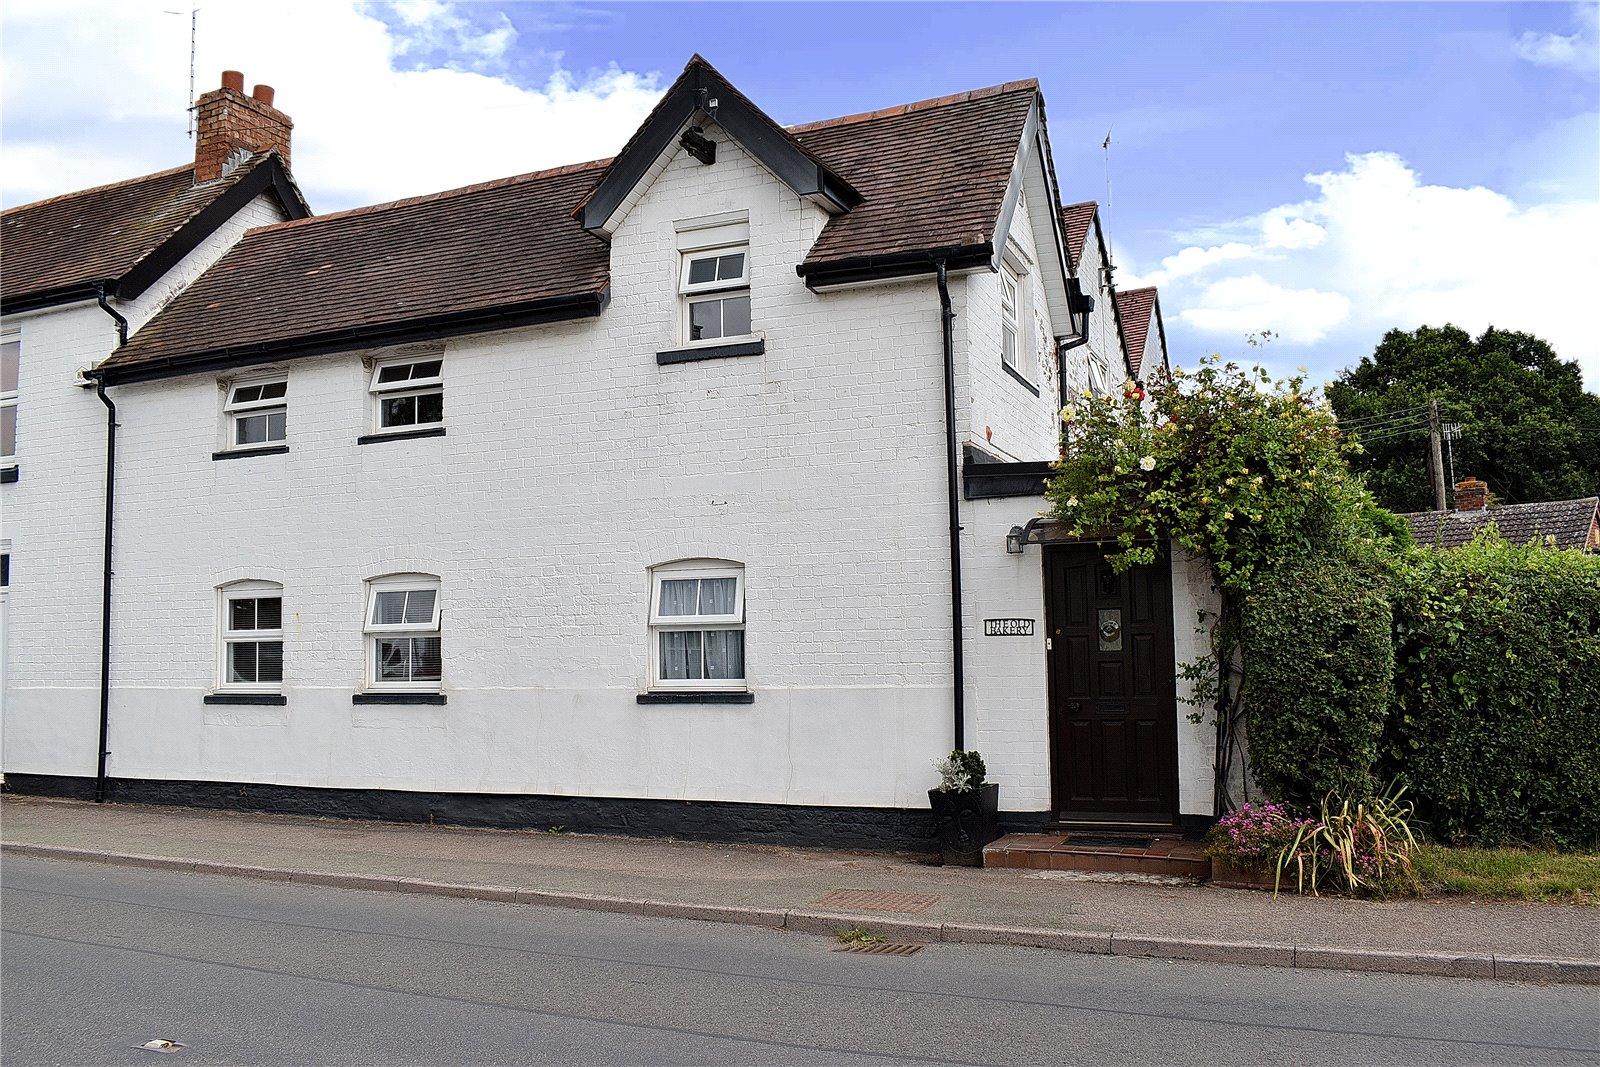 Martley Road Image